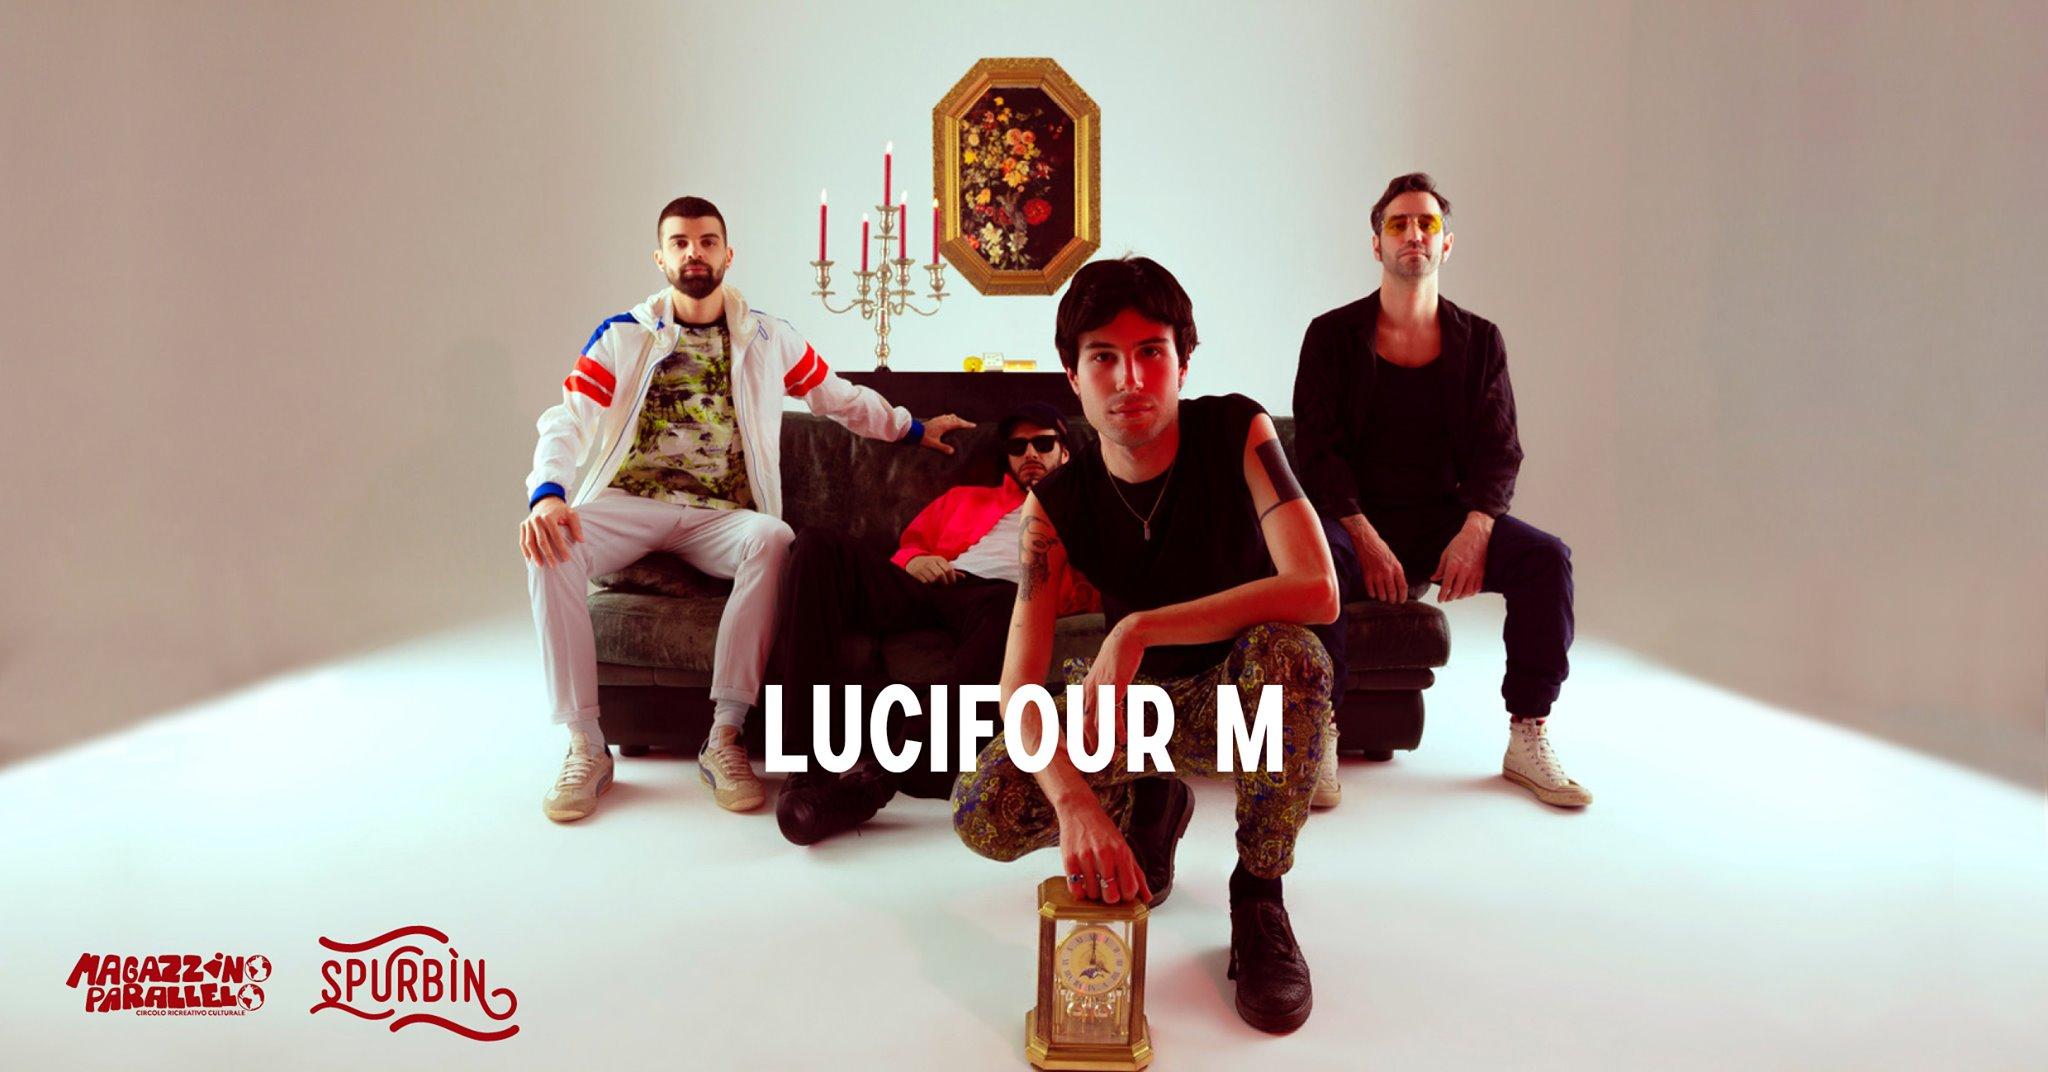 Lucifour M / at Spurbìn